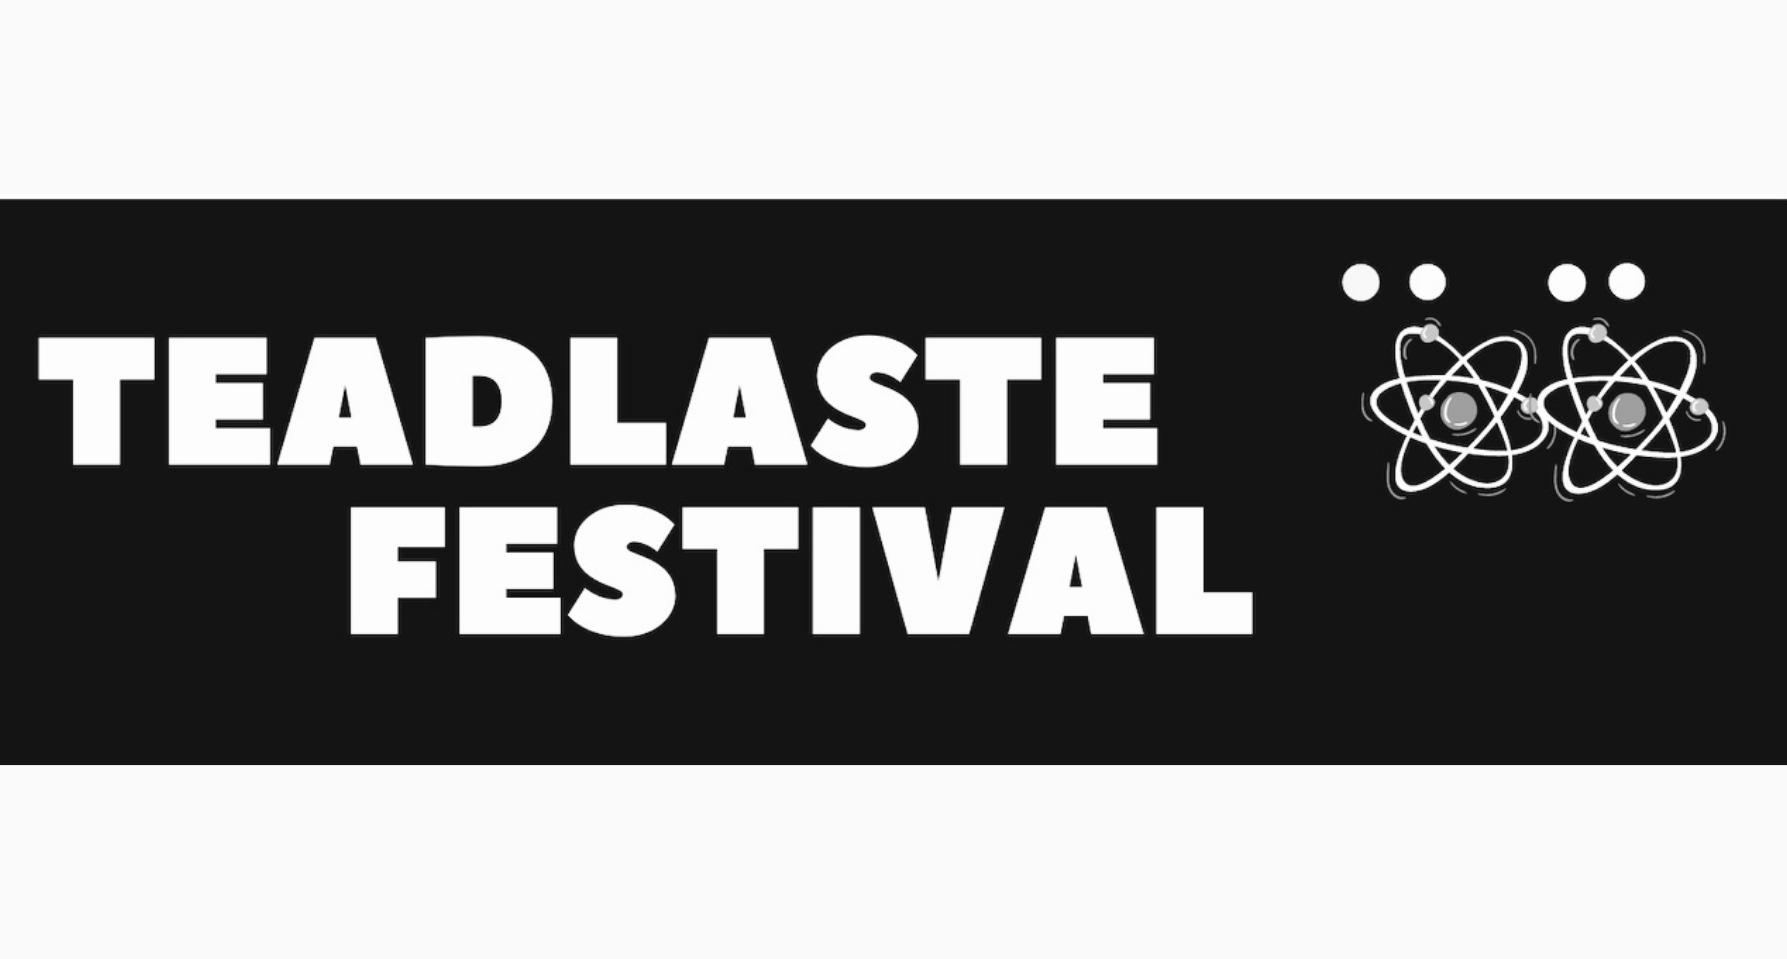 Teadlaste Öö Festival 2020